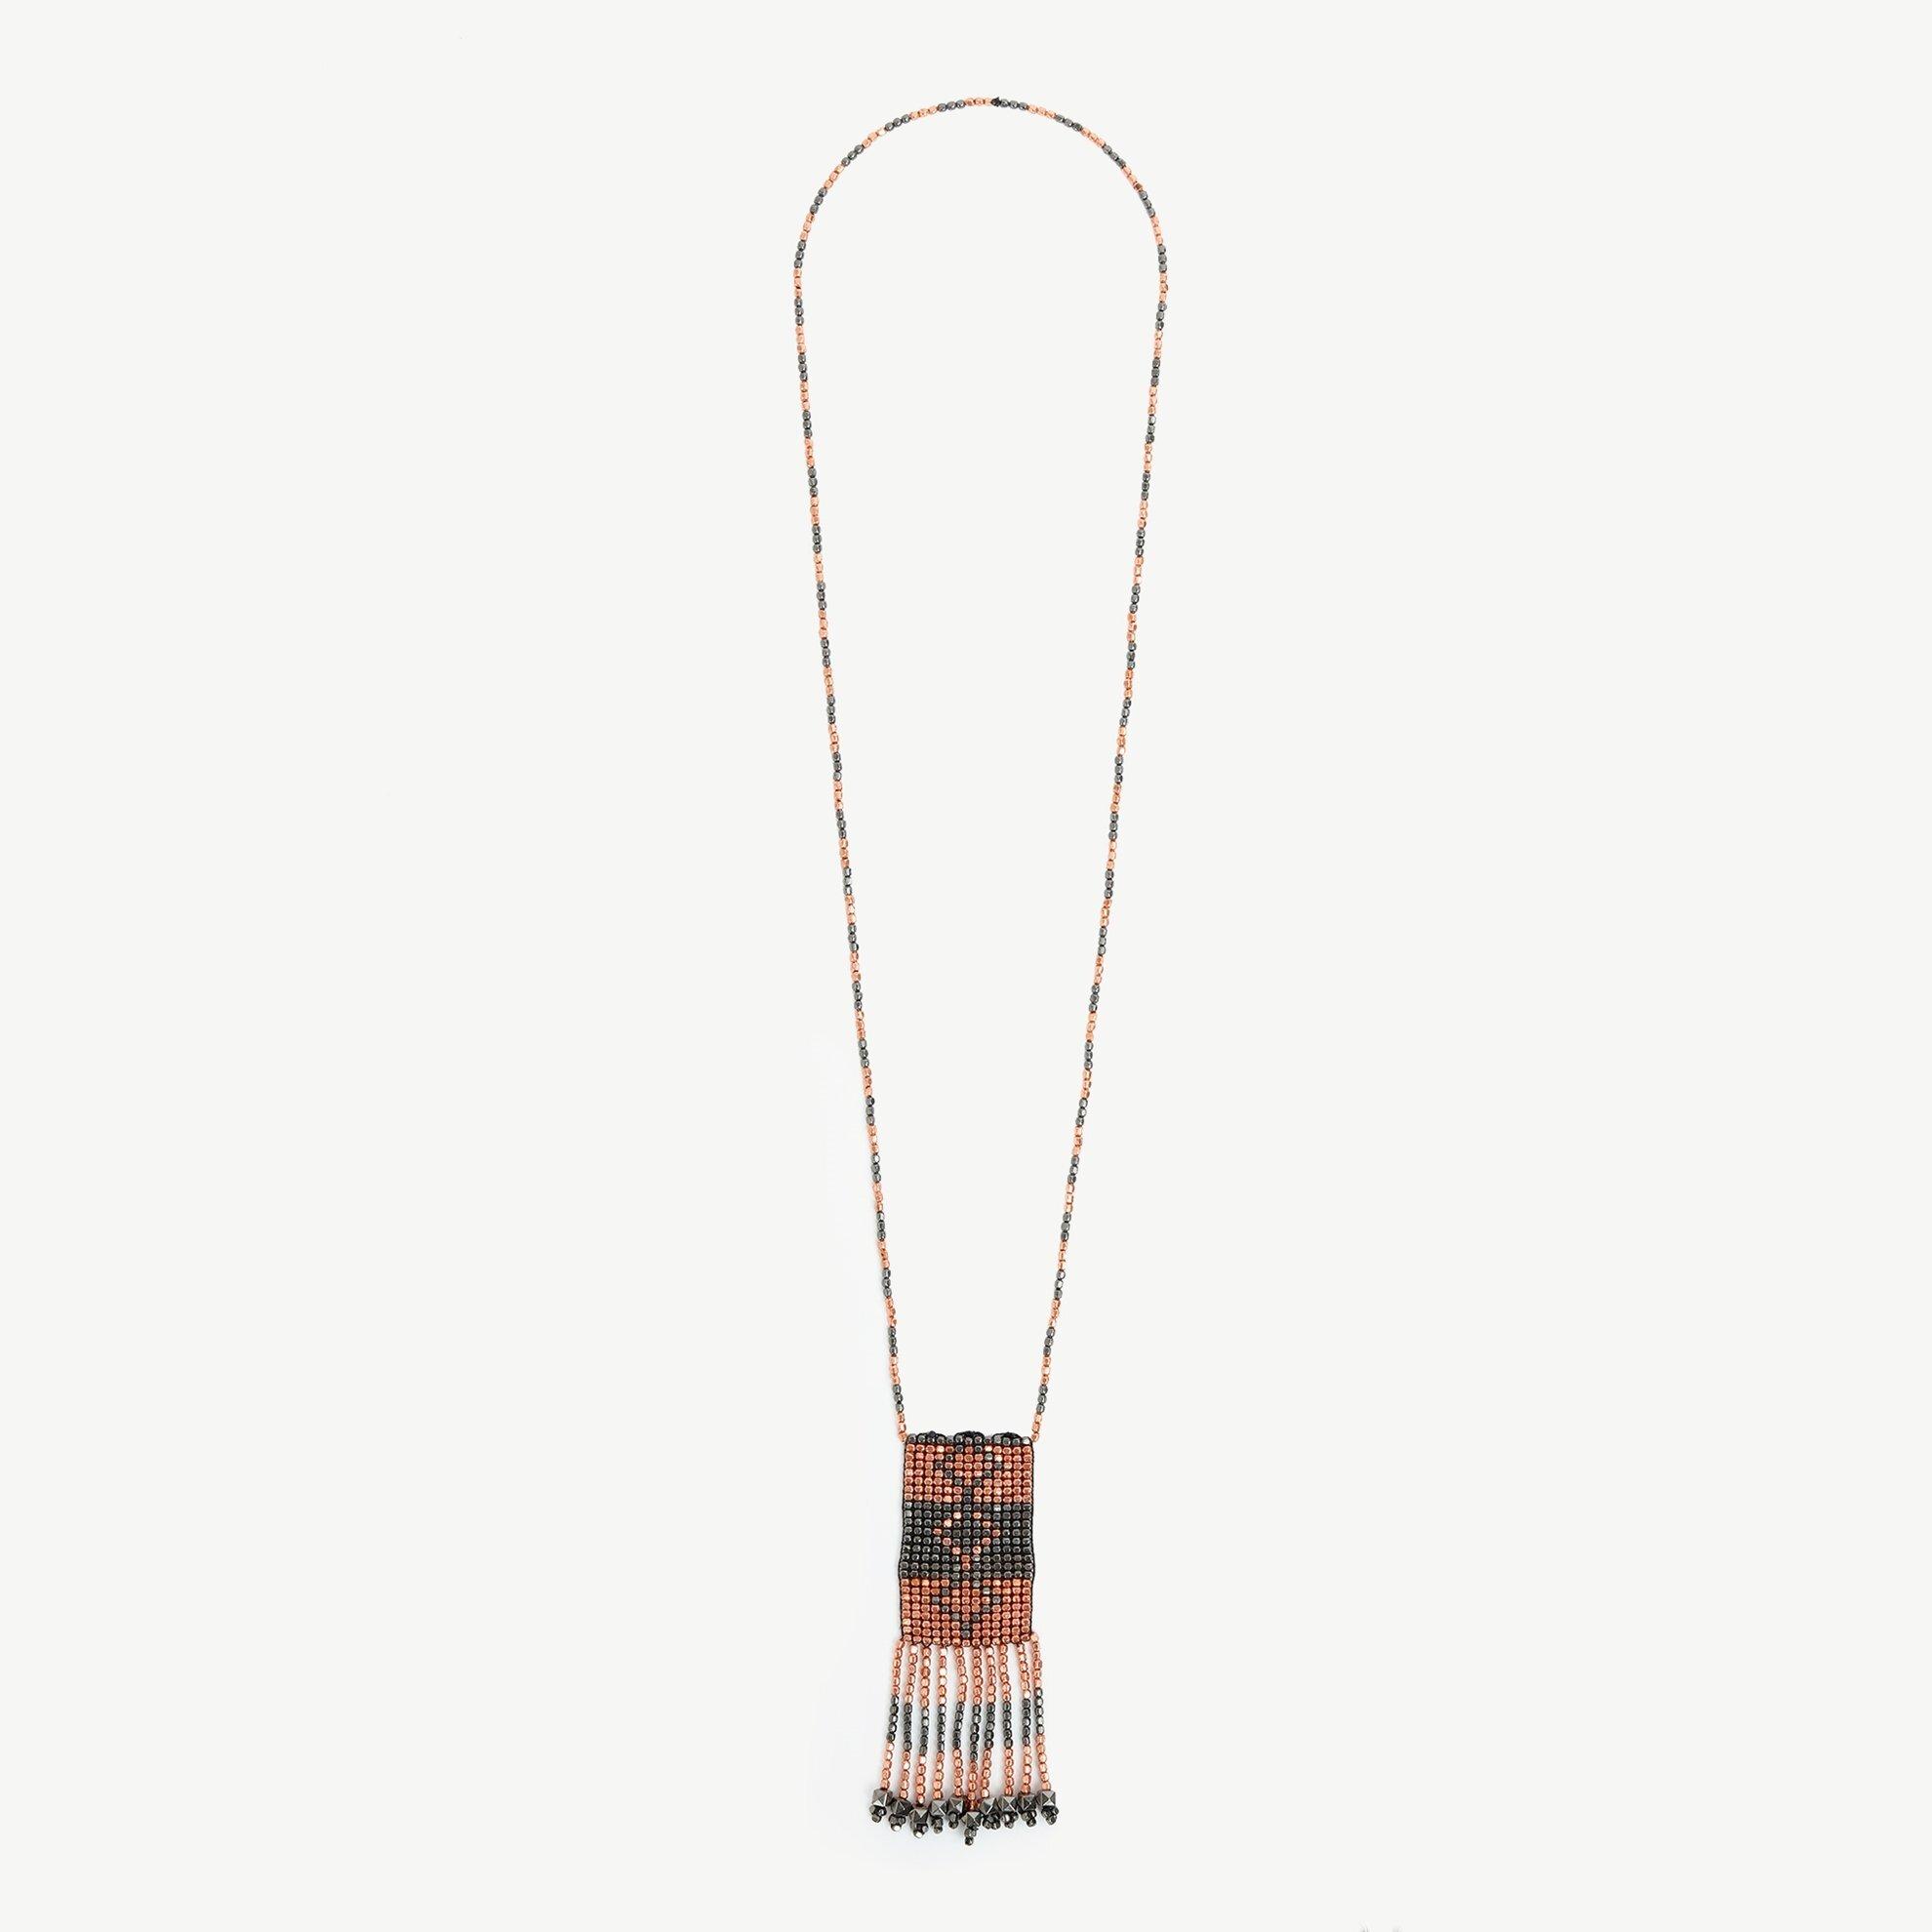 Halskette mit Perlenquaste